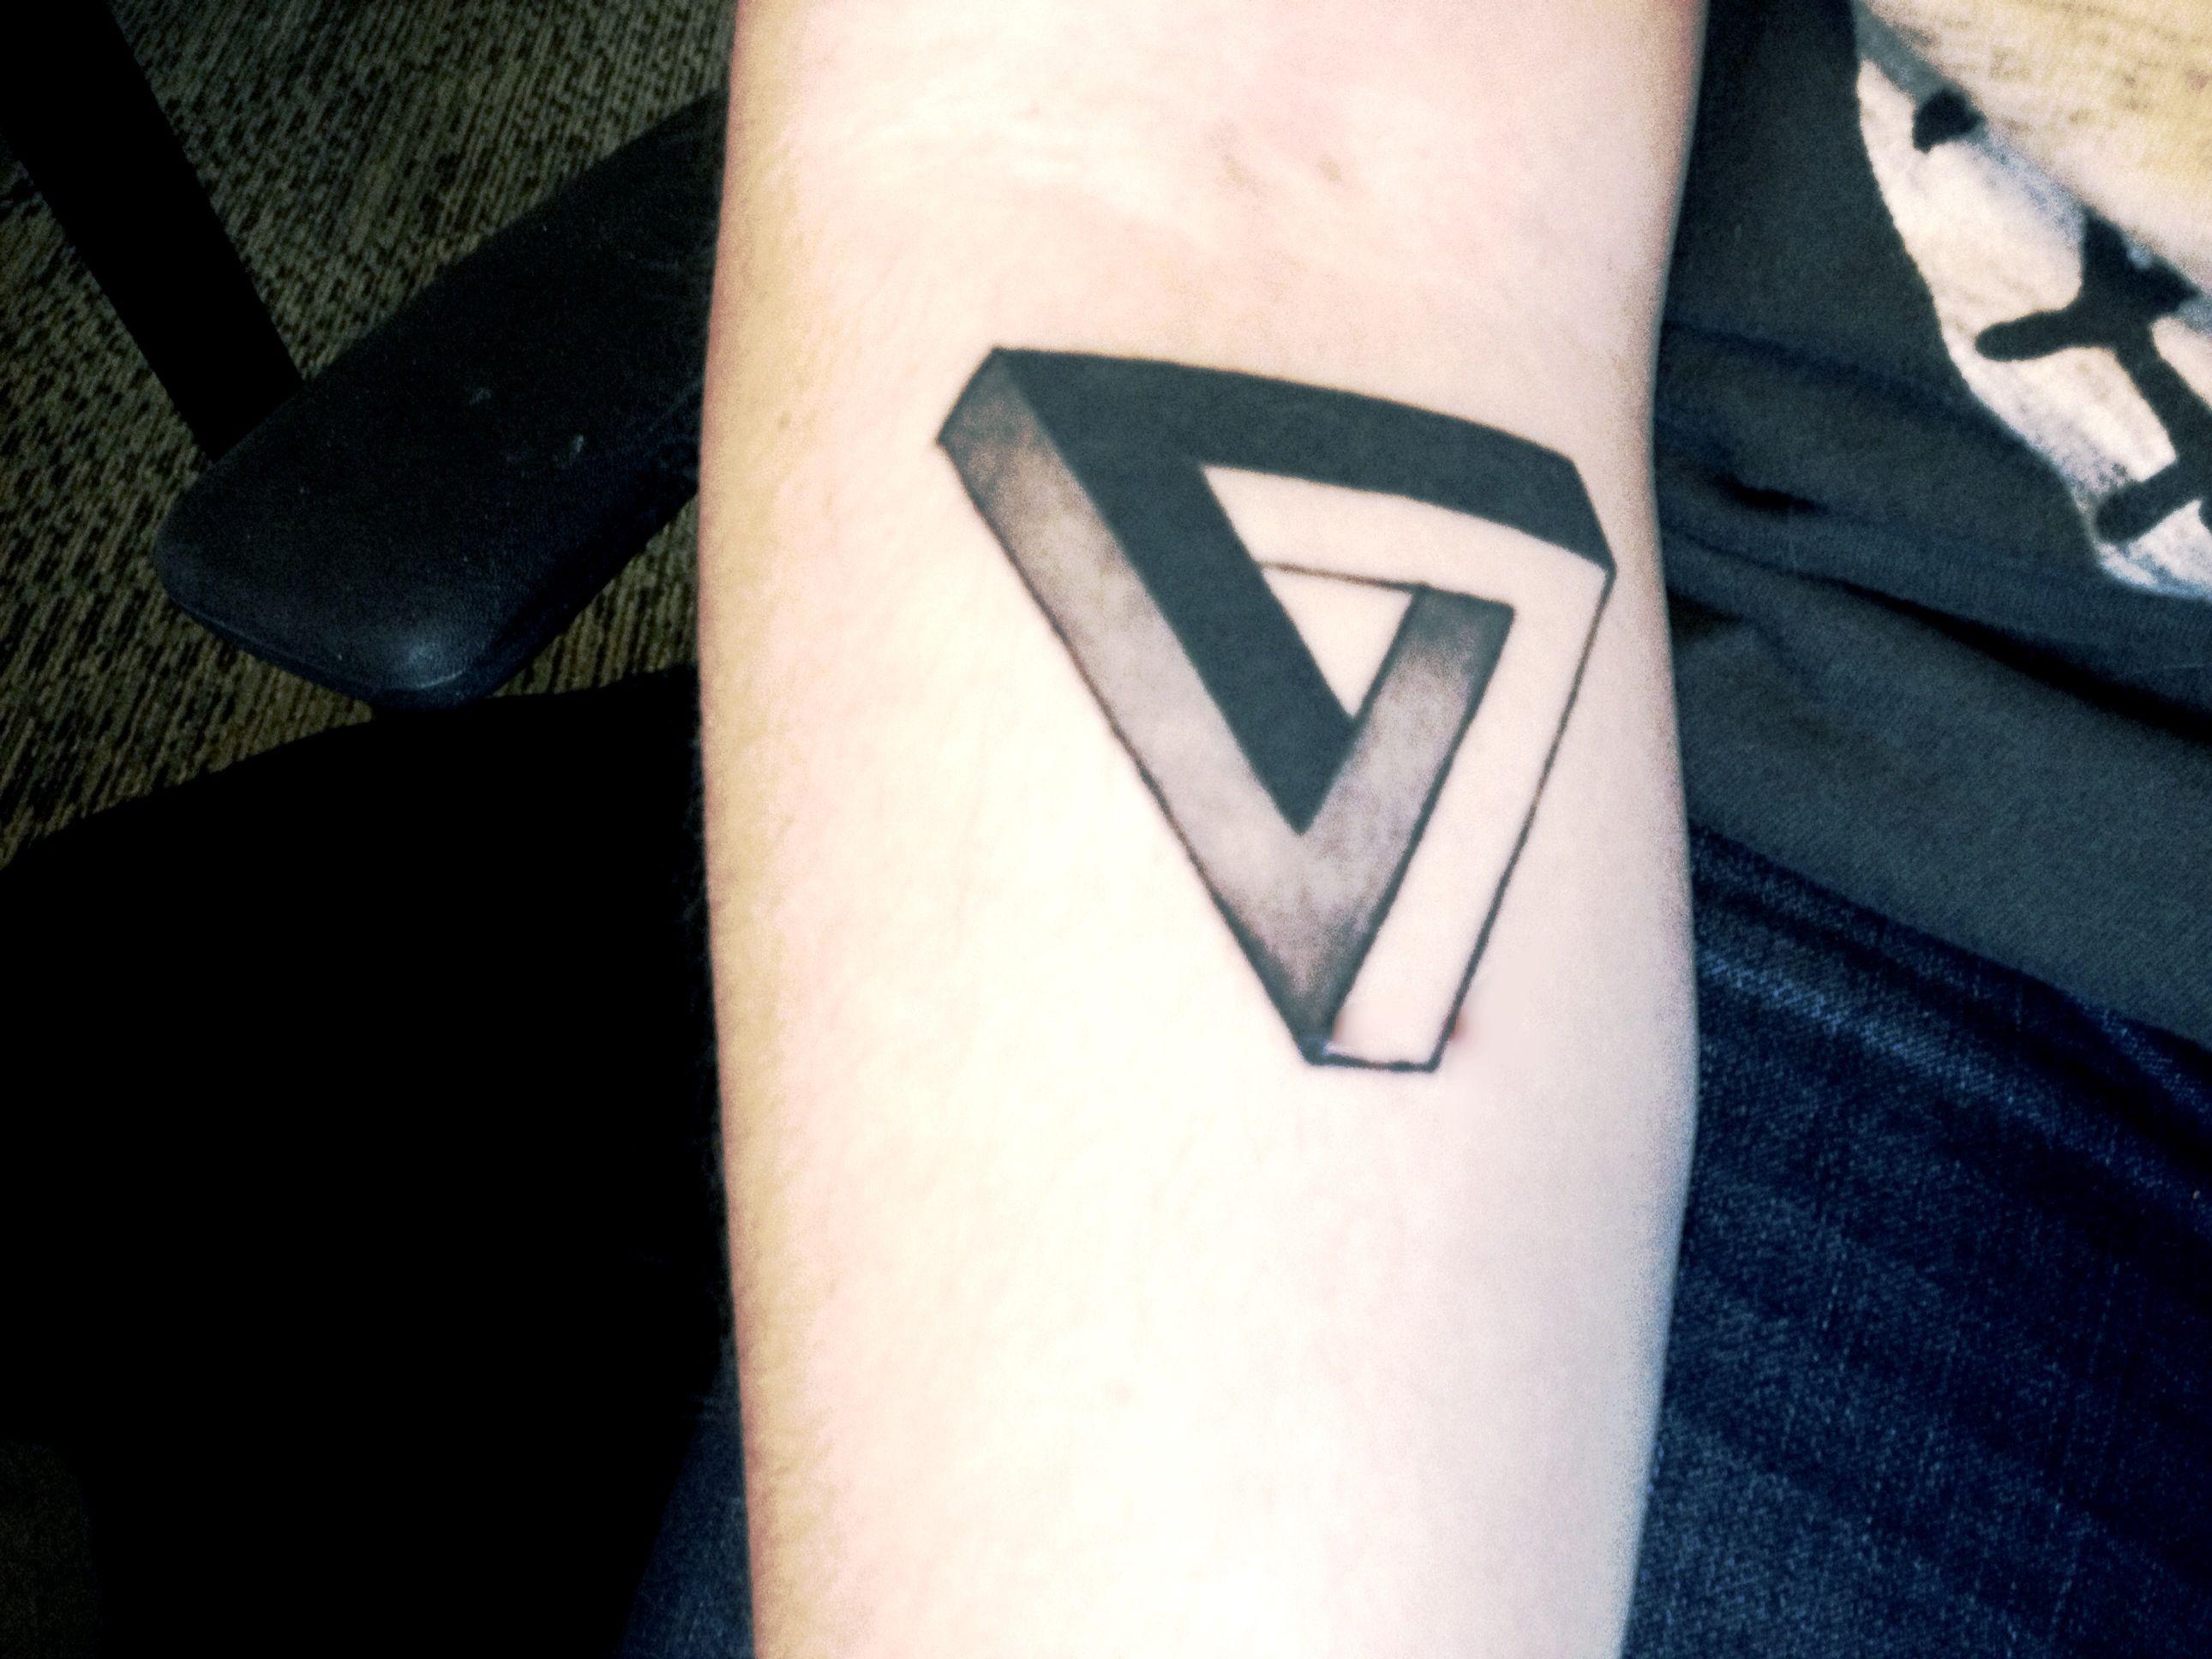 a80e13013 Penrose triangle tattoo | Tattoos | Triangle tattoo meaning, Penrose ...